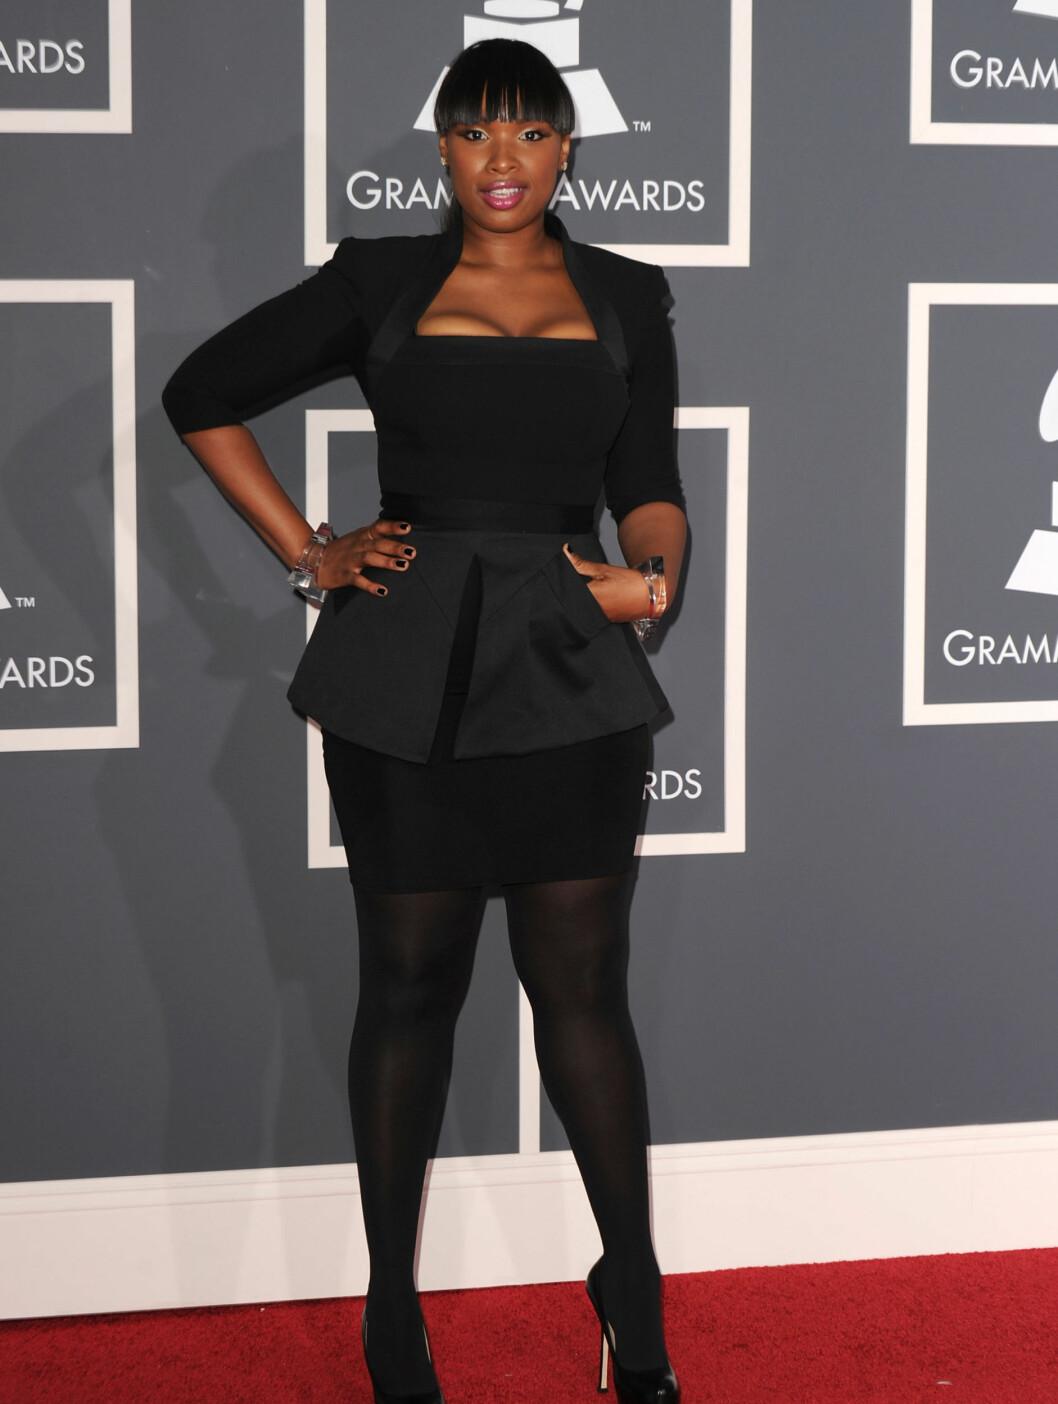 KOM I BECKHAM: Jennifer Hudson kom til Grammy i en kjole fra Victoria Beckhams nye kolleksjon. Foto: All Over Press